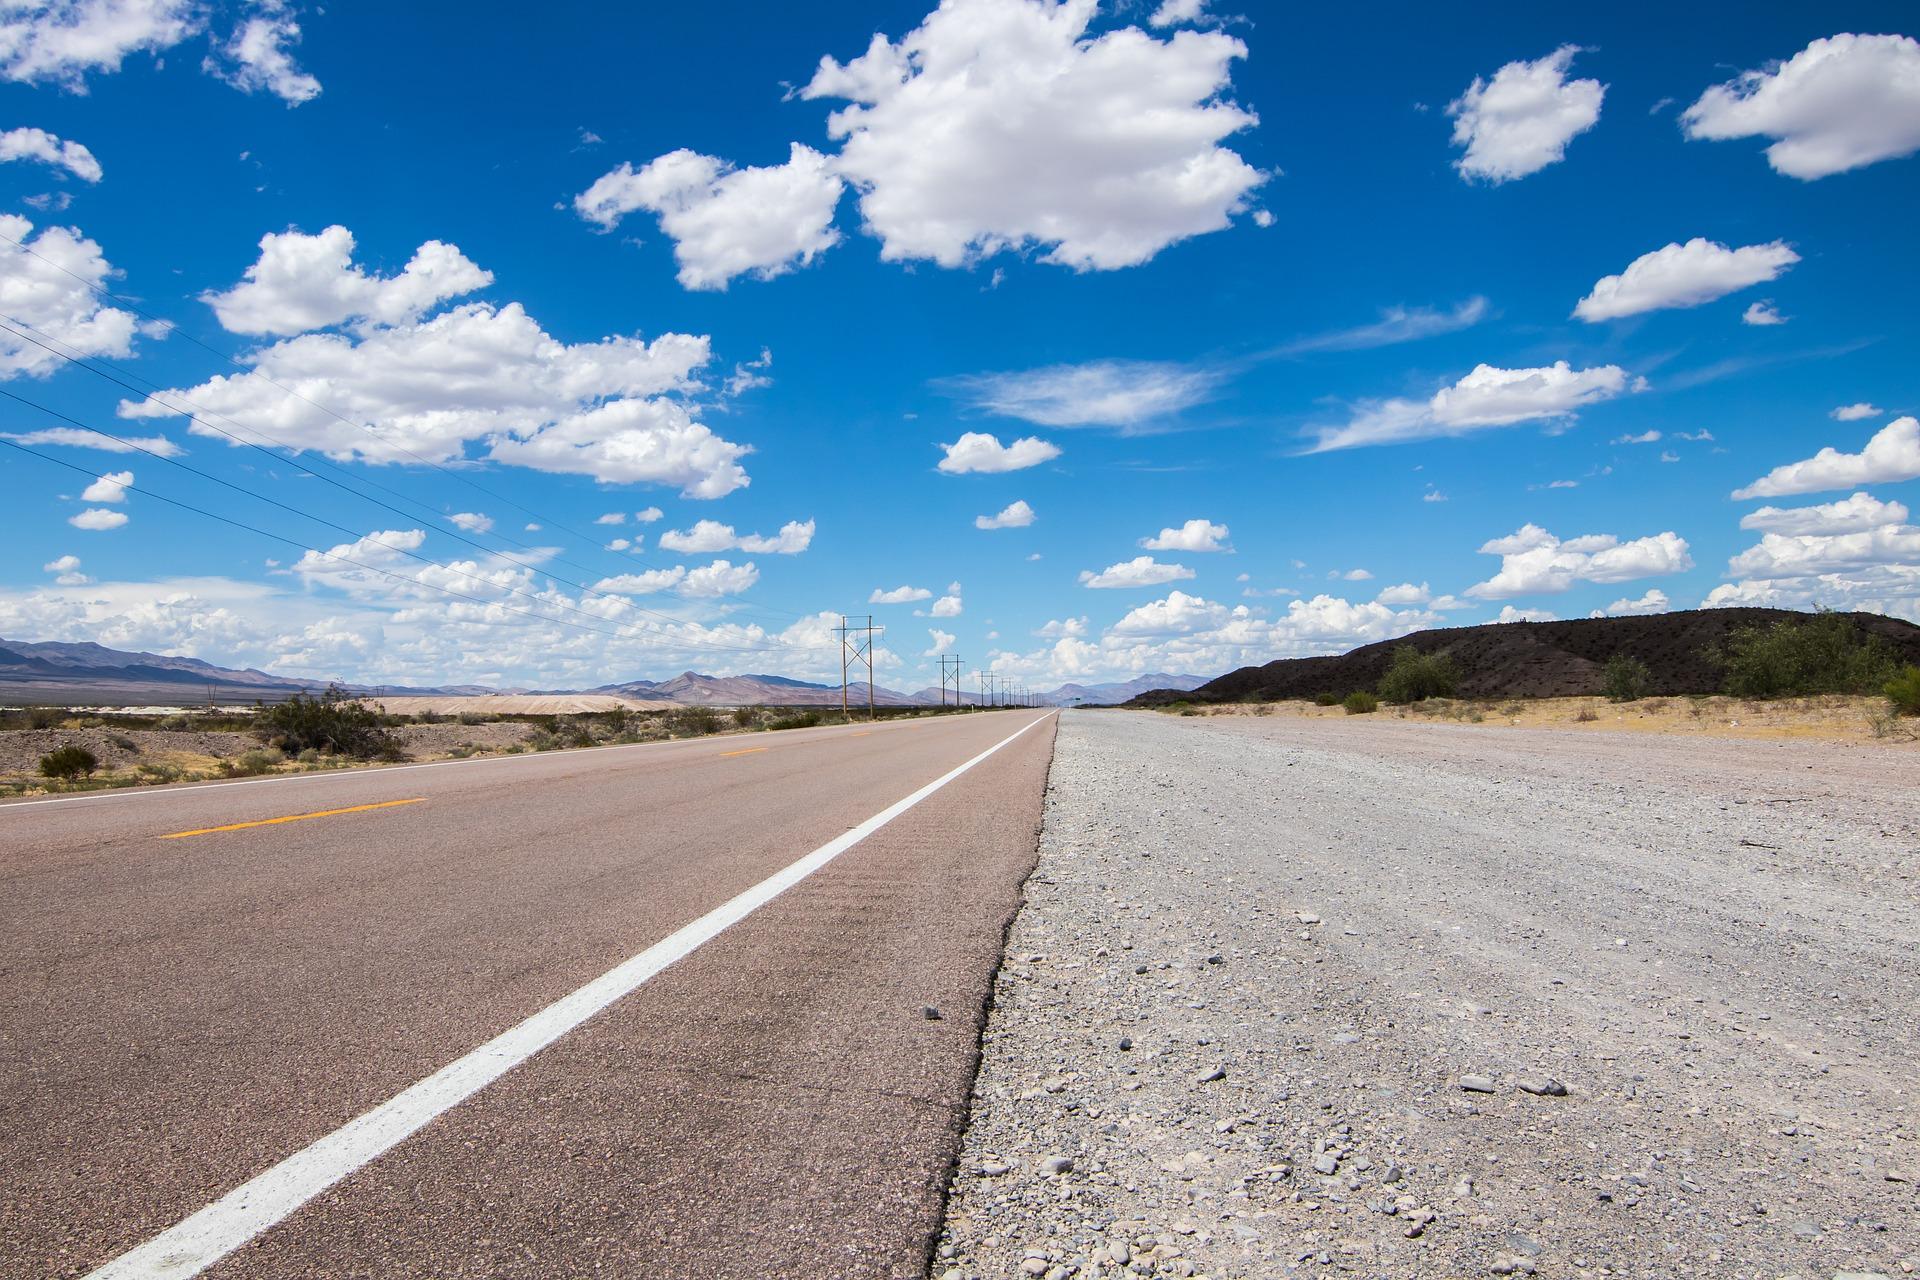 highway-2699543_1920